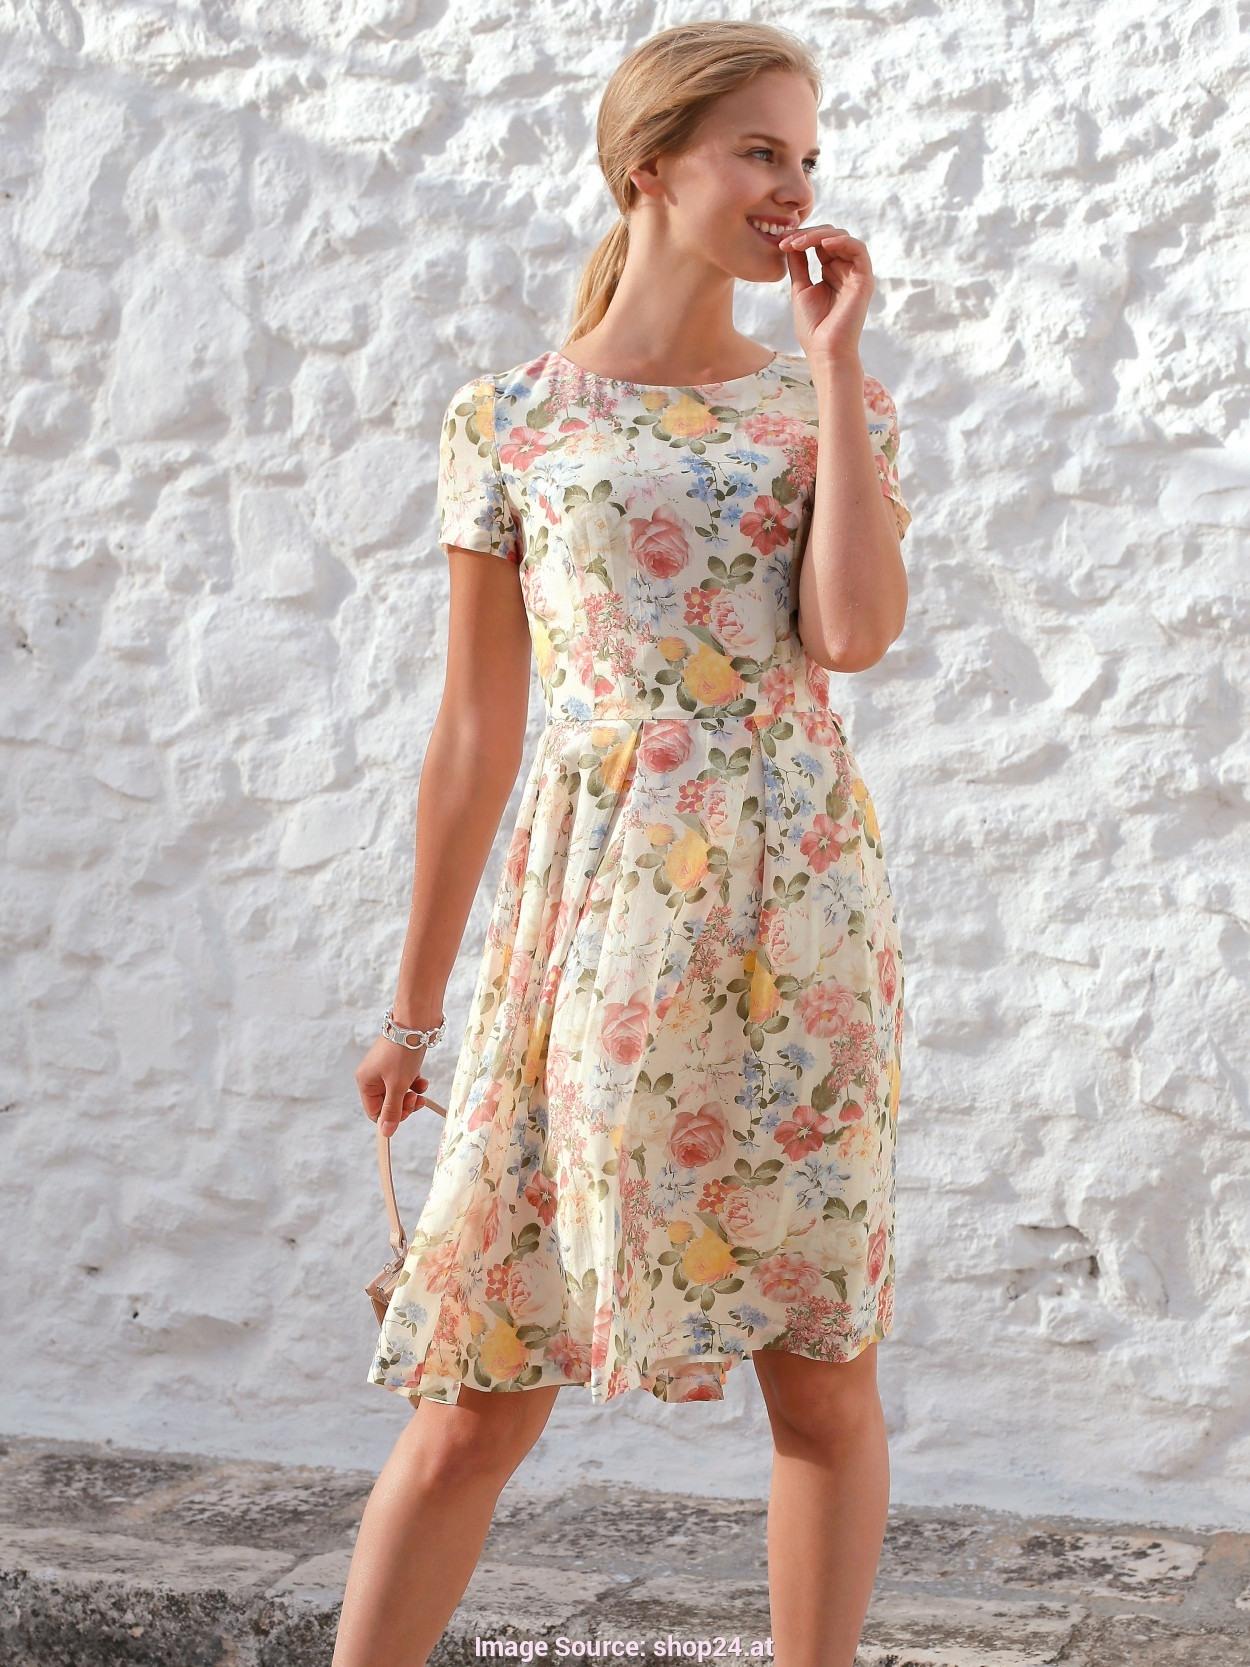 13 Perfekt Sommerkleid Festlich Knielang Stylish15 Schön Sommerkleid Festlich Knielang für 2019